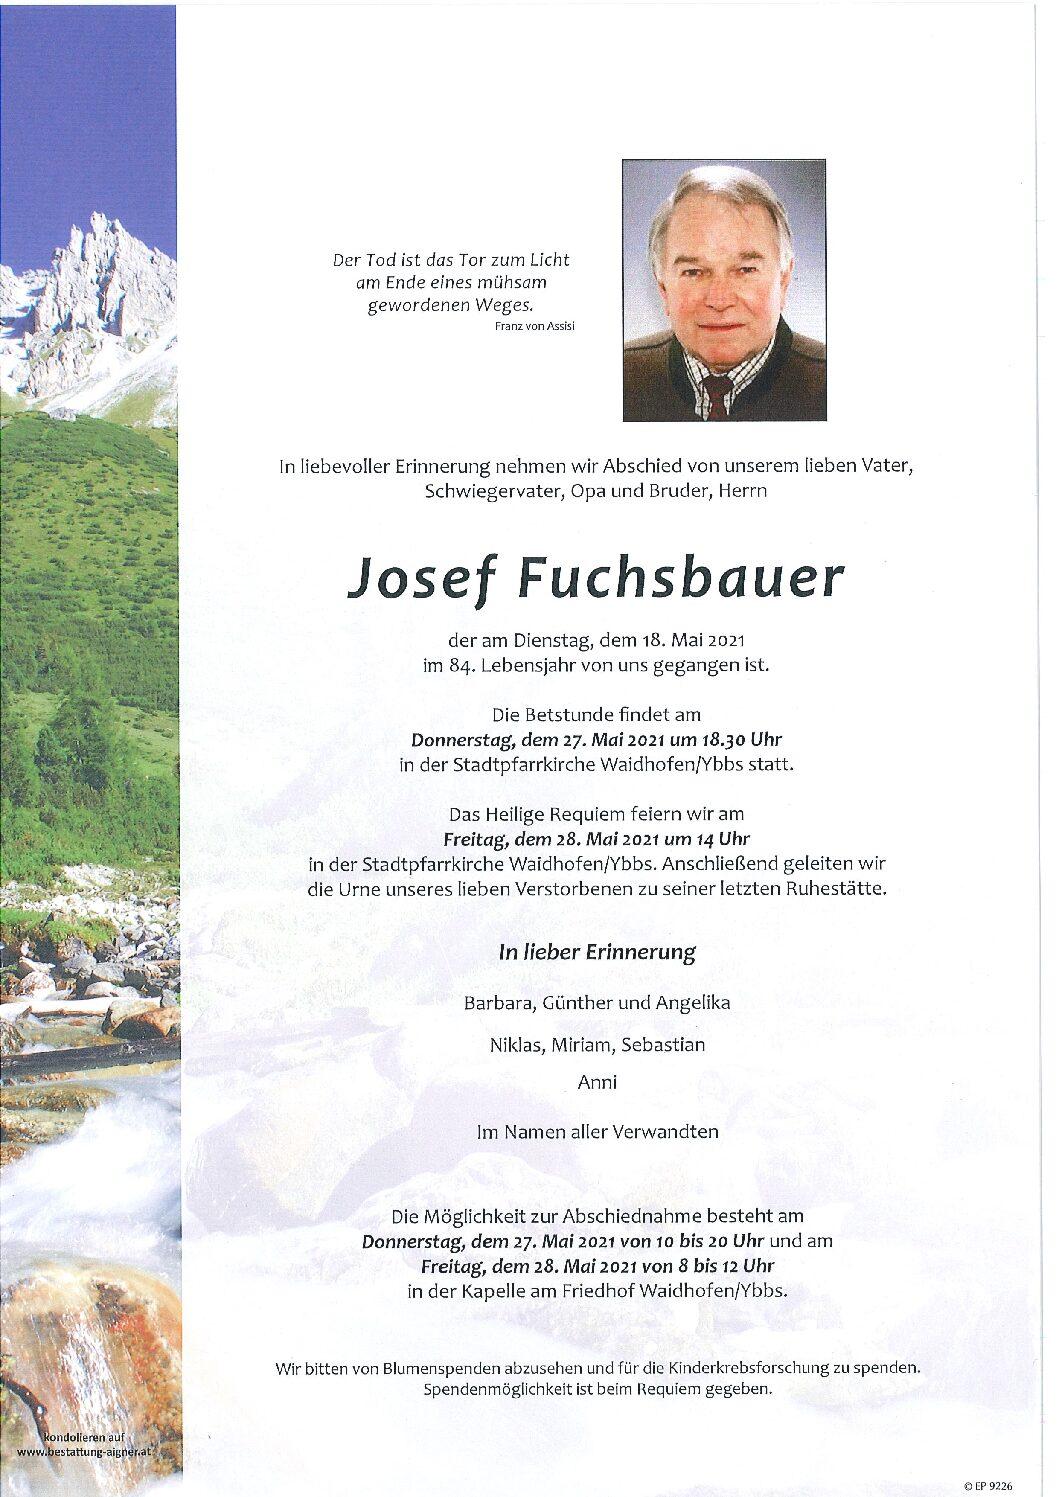 Josef Fuchsbauer